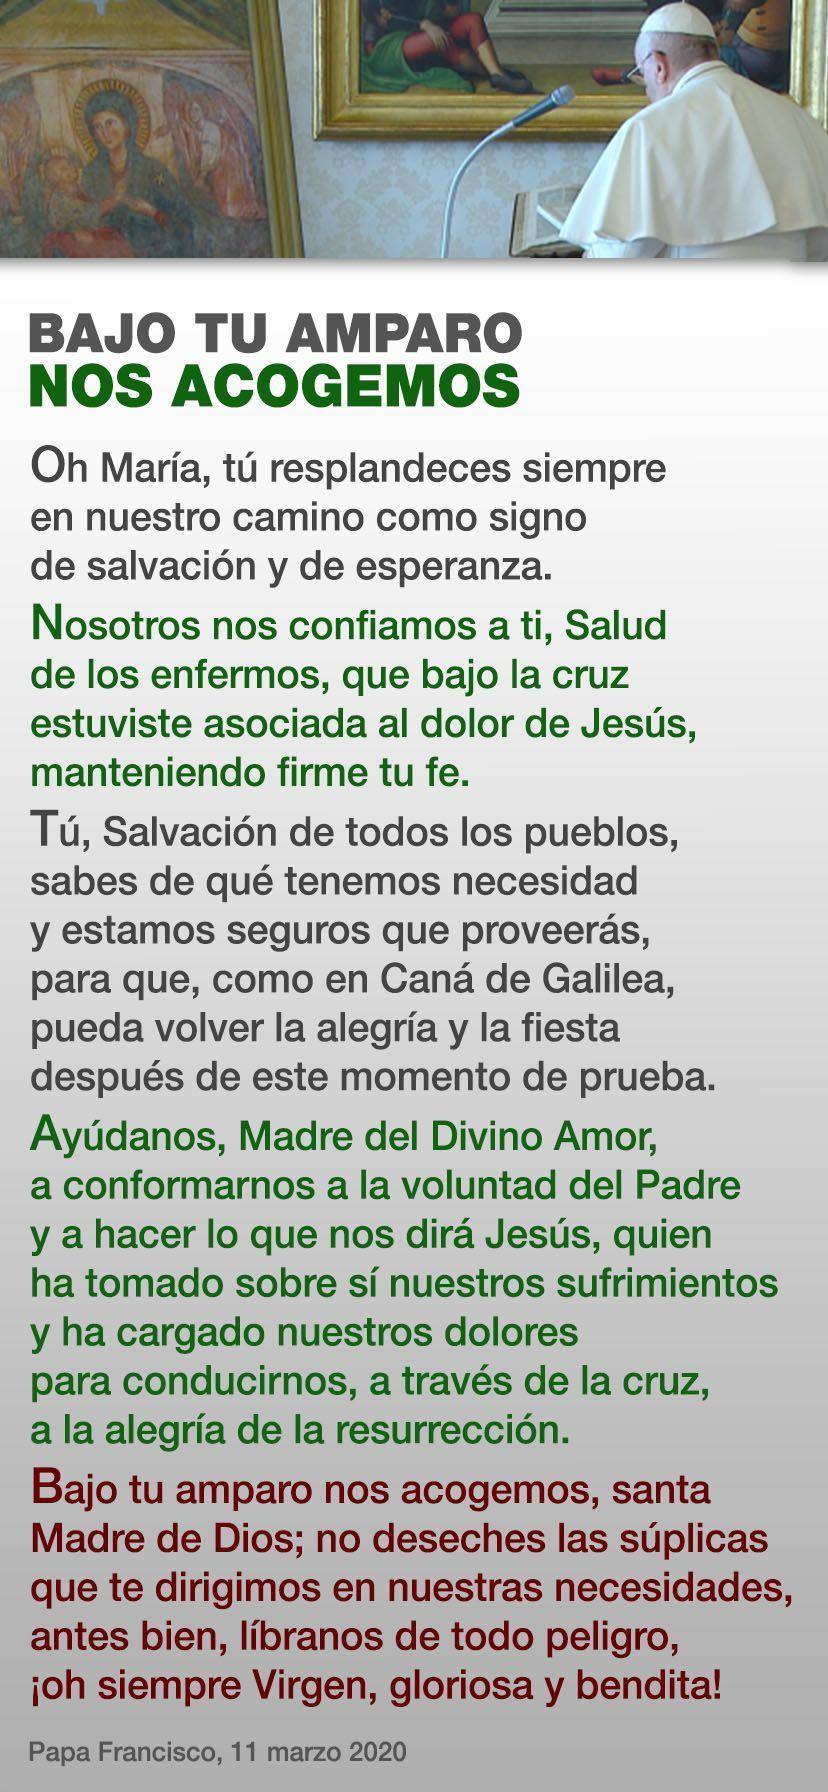 Pin De Vanessa Bonilla De Aguilar En Catholic Oraciones Frases Espirituales Oraciones Poderosas